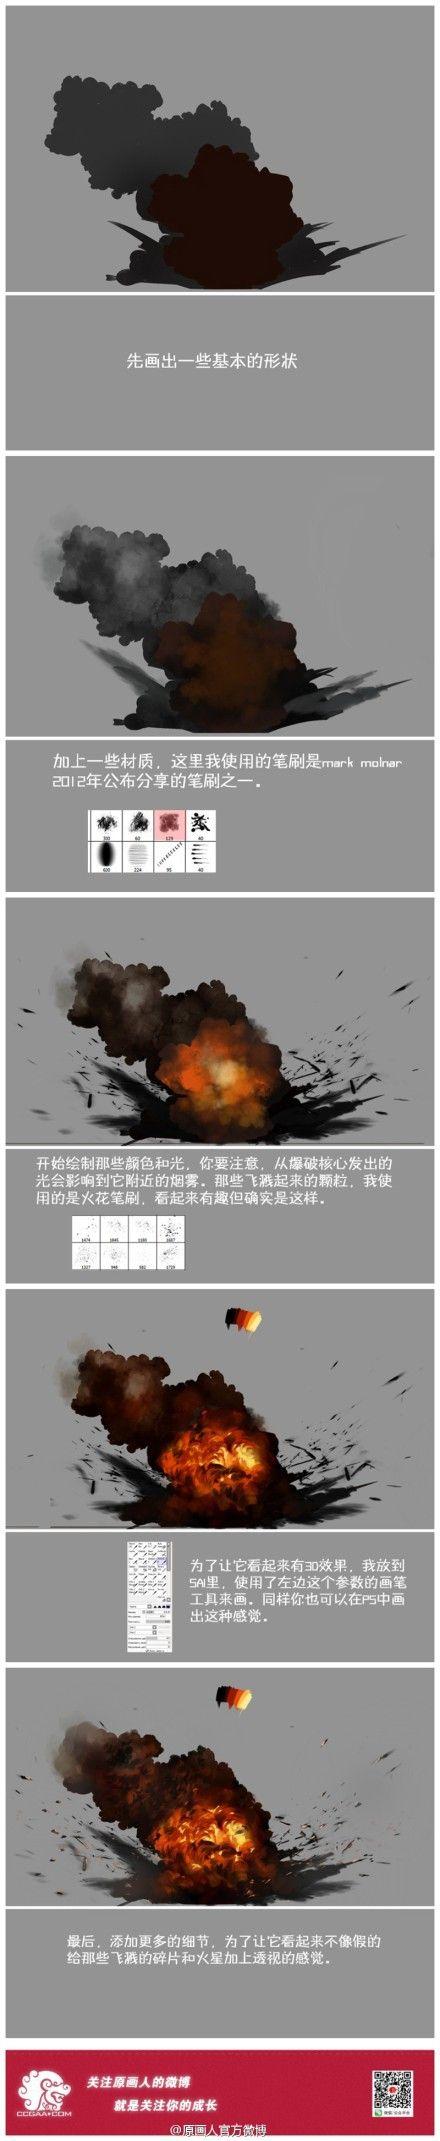 【新私信】 我的首页 新浪微博-随时随地...@千古之愛采集到游戏原画(152图)_花瓣游戏